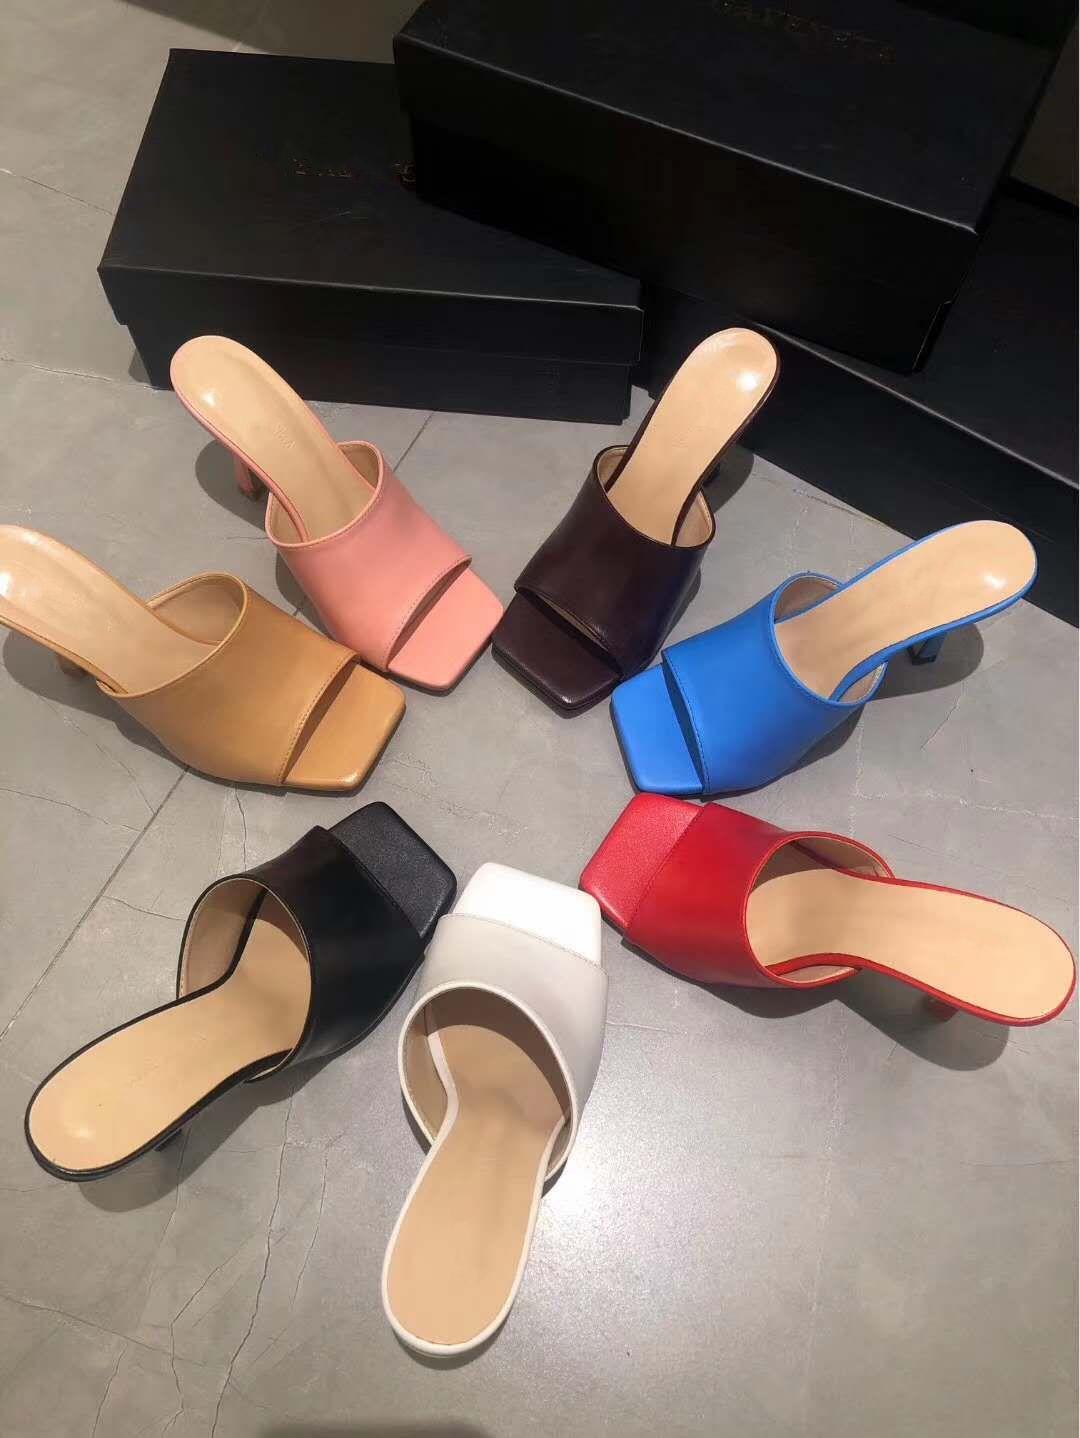 мульти цветов растягивать сандалии натуральной кожи мулов с квадратом единственного размером происхождения пакетом 35 до 41 tradingbear